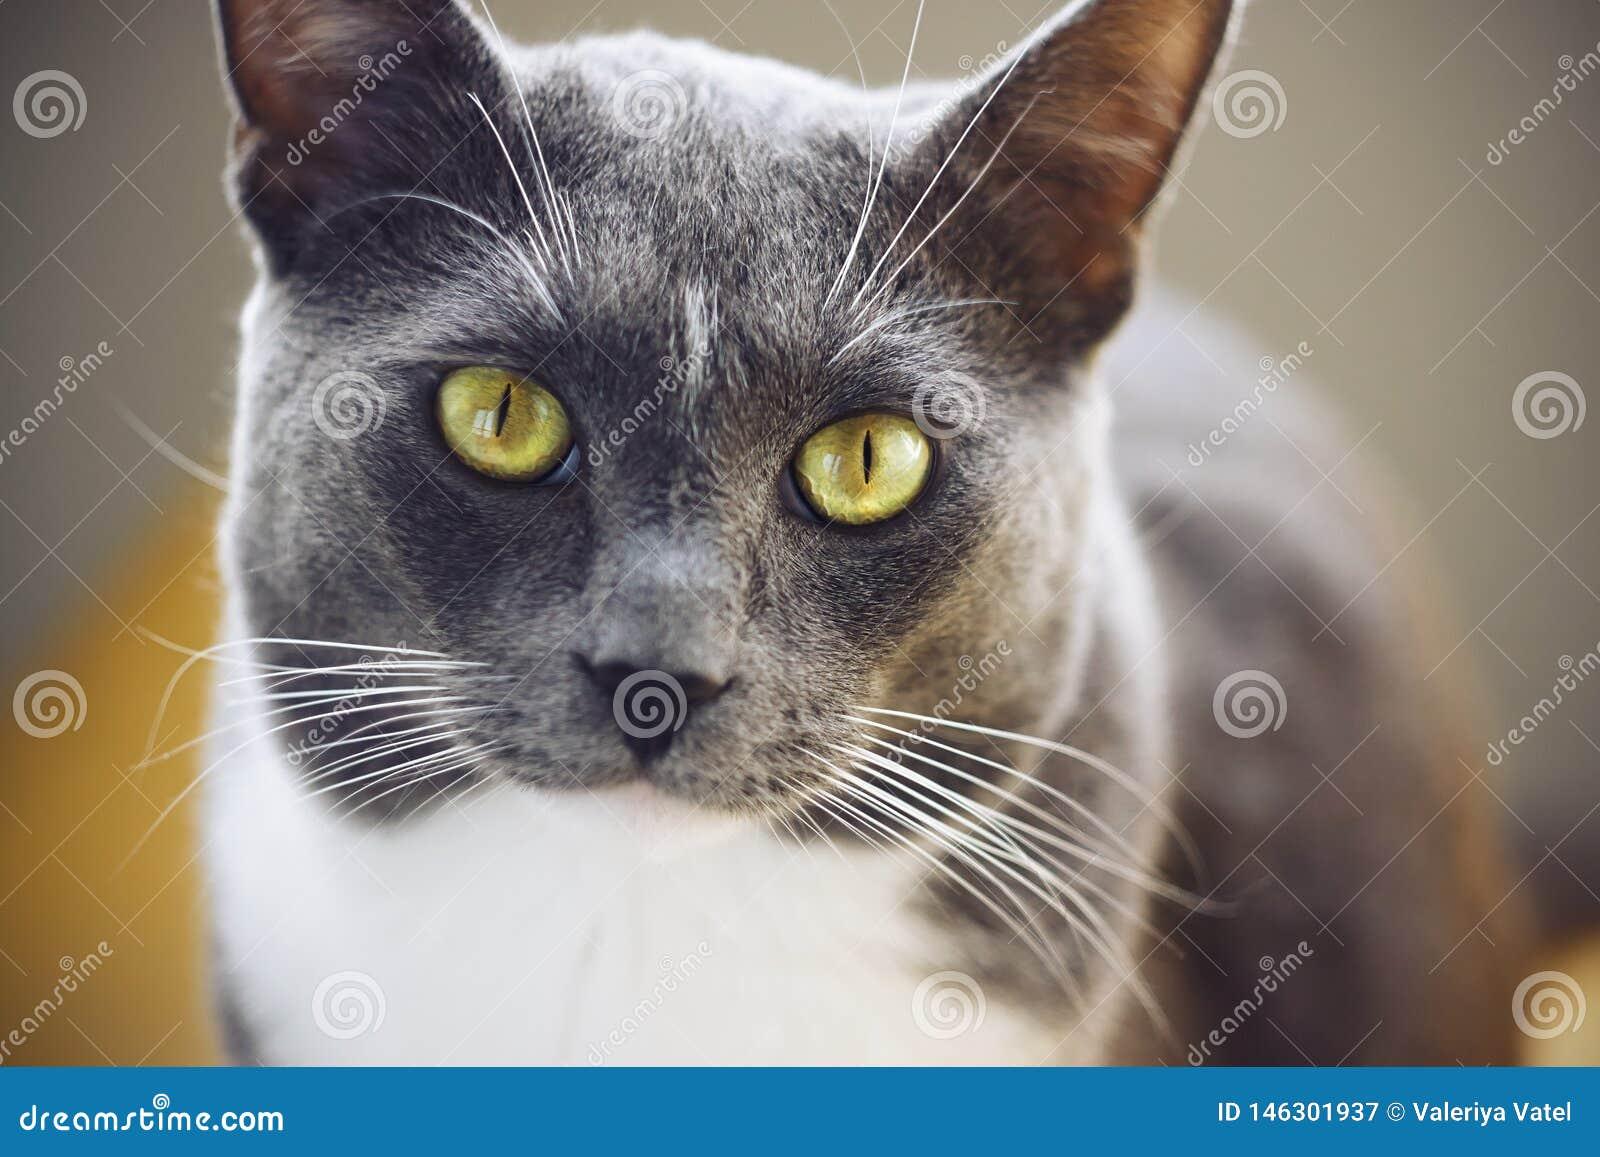 Eine Katze mit einer weißen Stelle auf seiner Stirn und gelbgrünen Augen